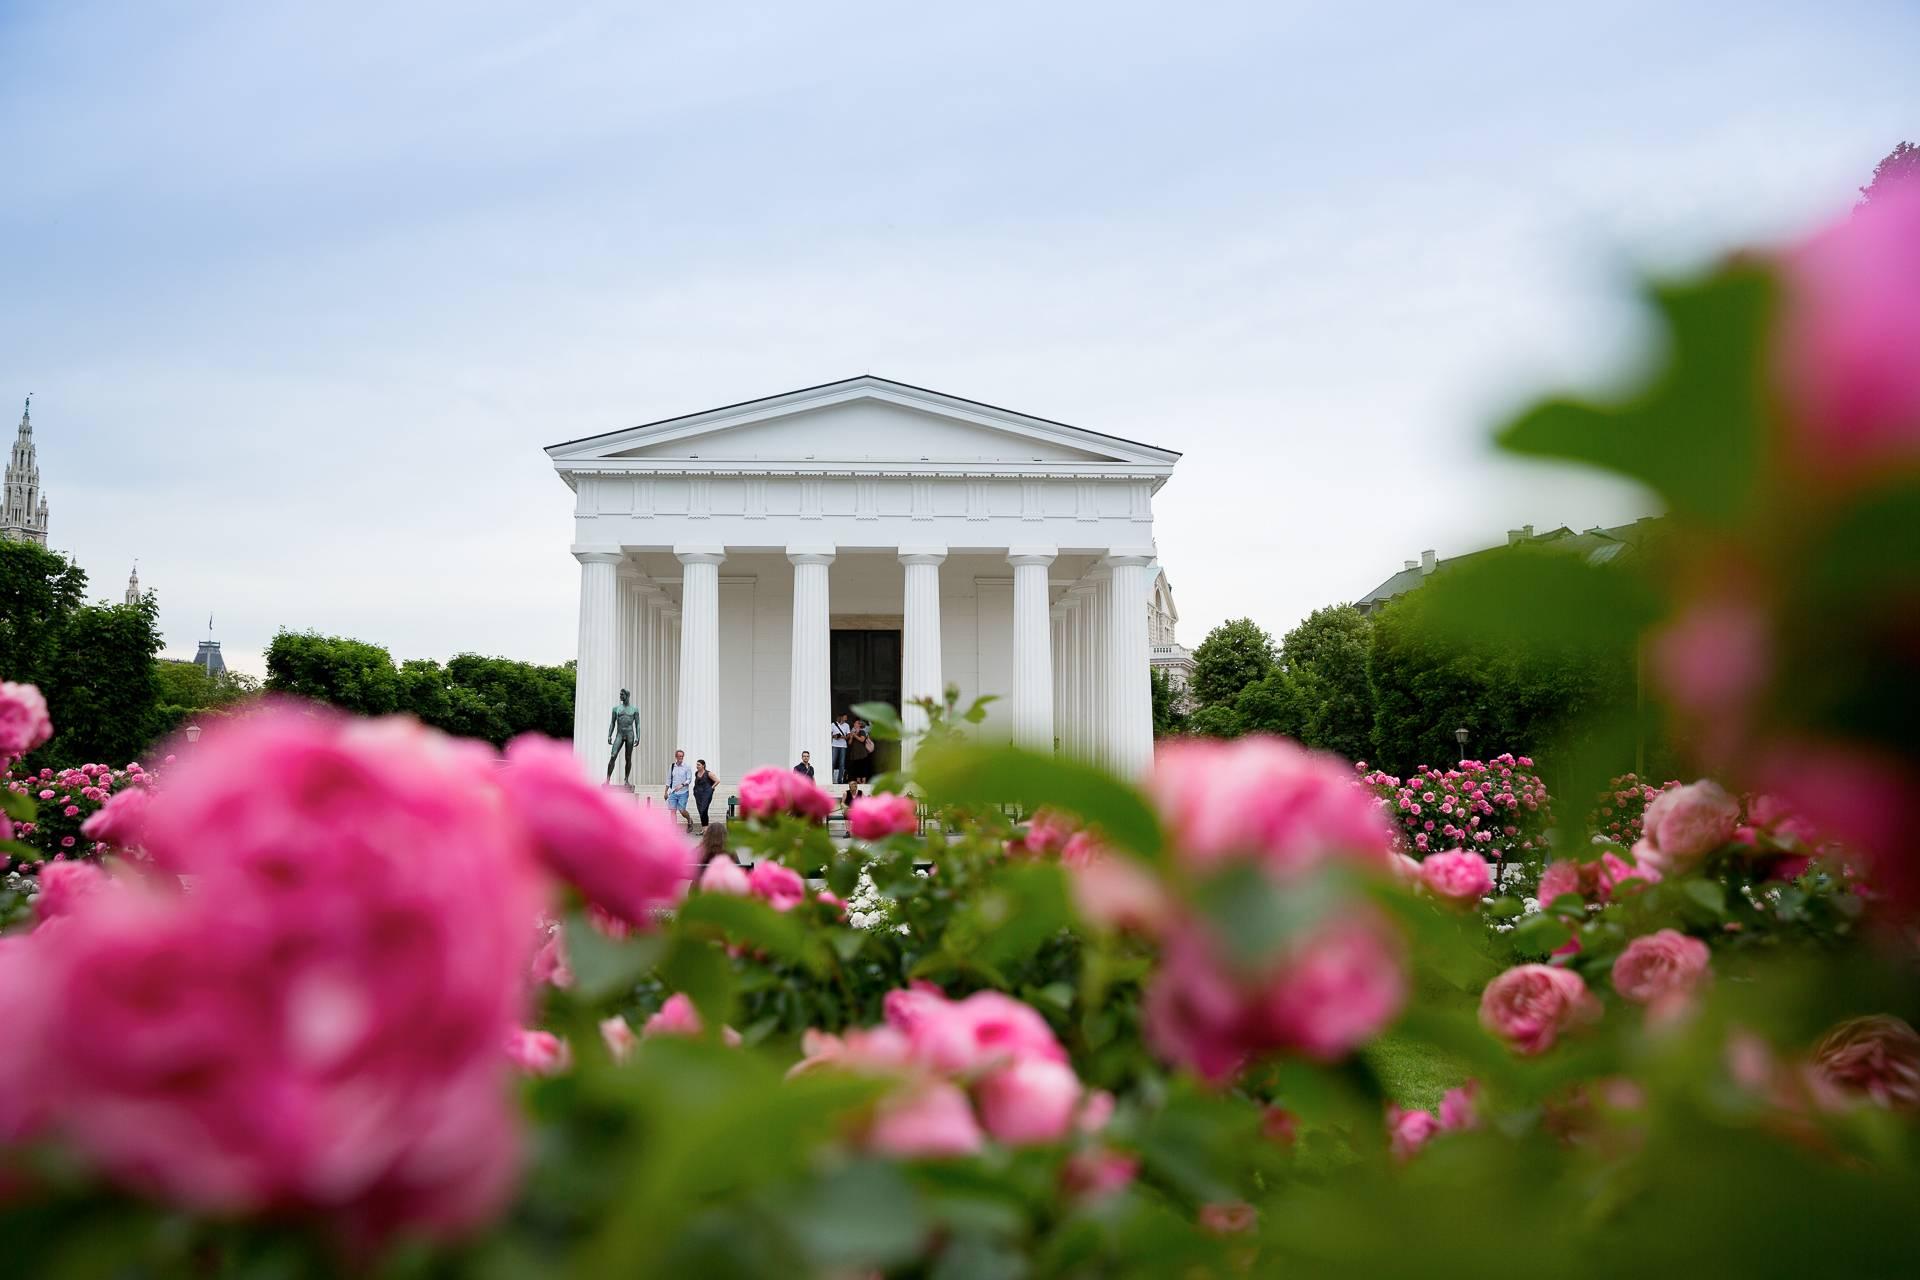 Der Theseustempel im Wiener Volksgarten mit üppig blühenden Rosensträuchern im Vordergrund.